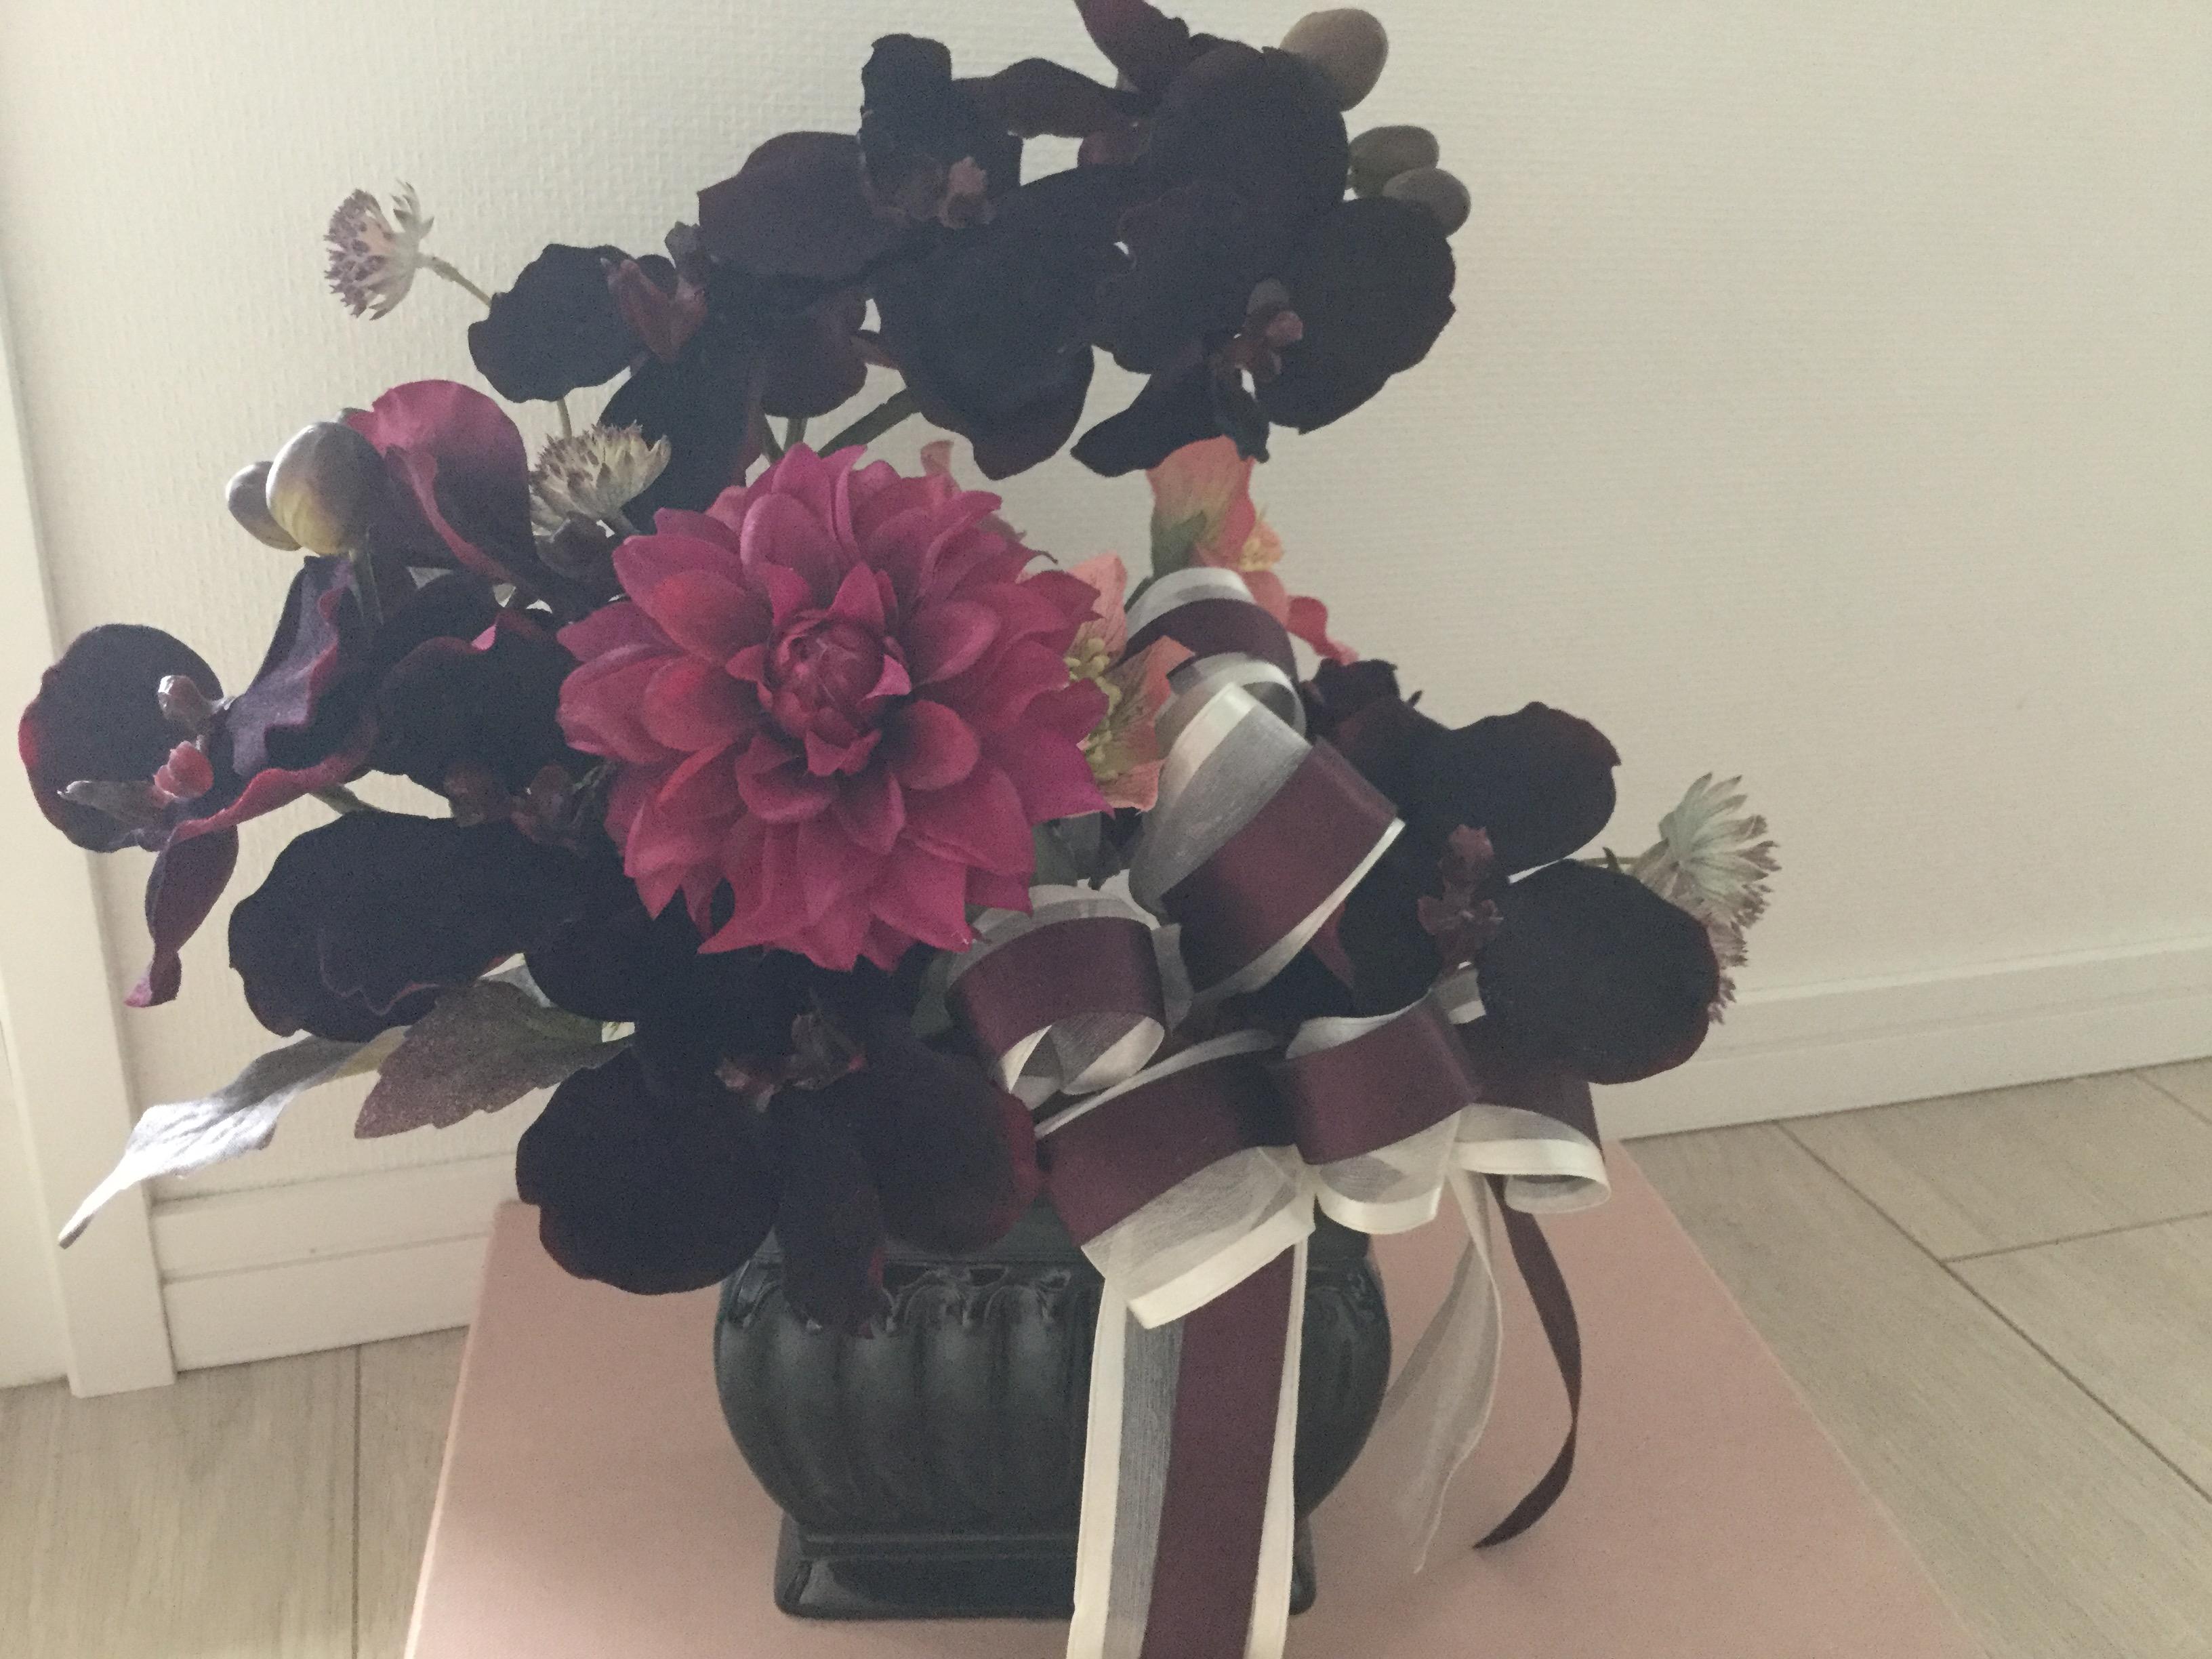 蘭のアレンジメント 胡蝶蘭 アーティフィシャルフラワー